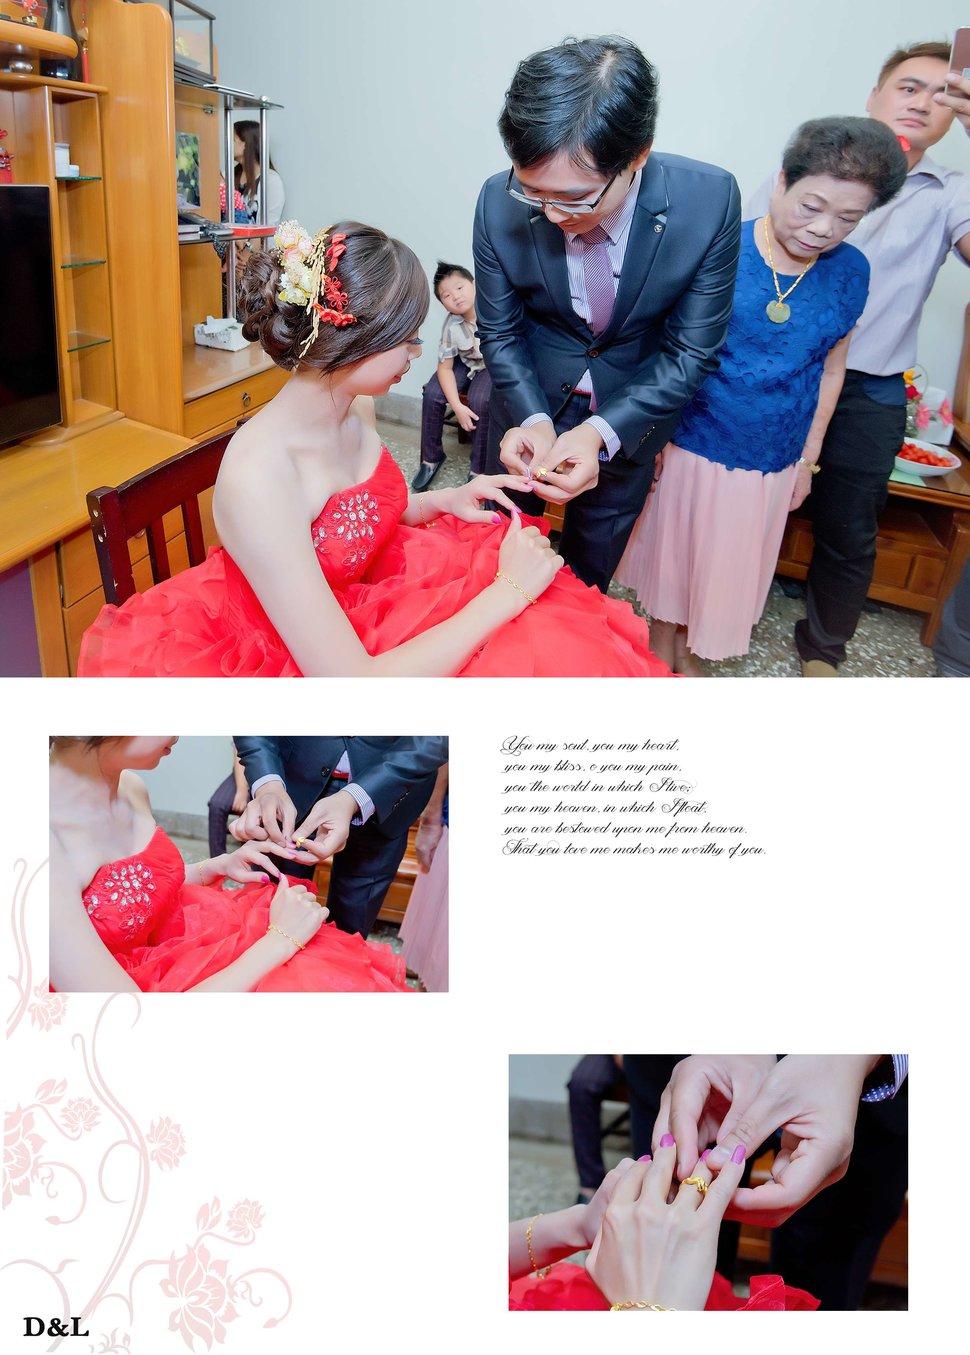 台中婚攝 婚禮記錄 訂結午宴 球愛物語景觀婚禮會館 平面攝影(編號:374389) - D&L 婚禮事務 · 婚禮婚紗攝影 - 結婚吧